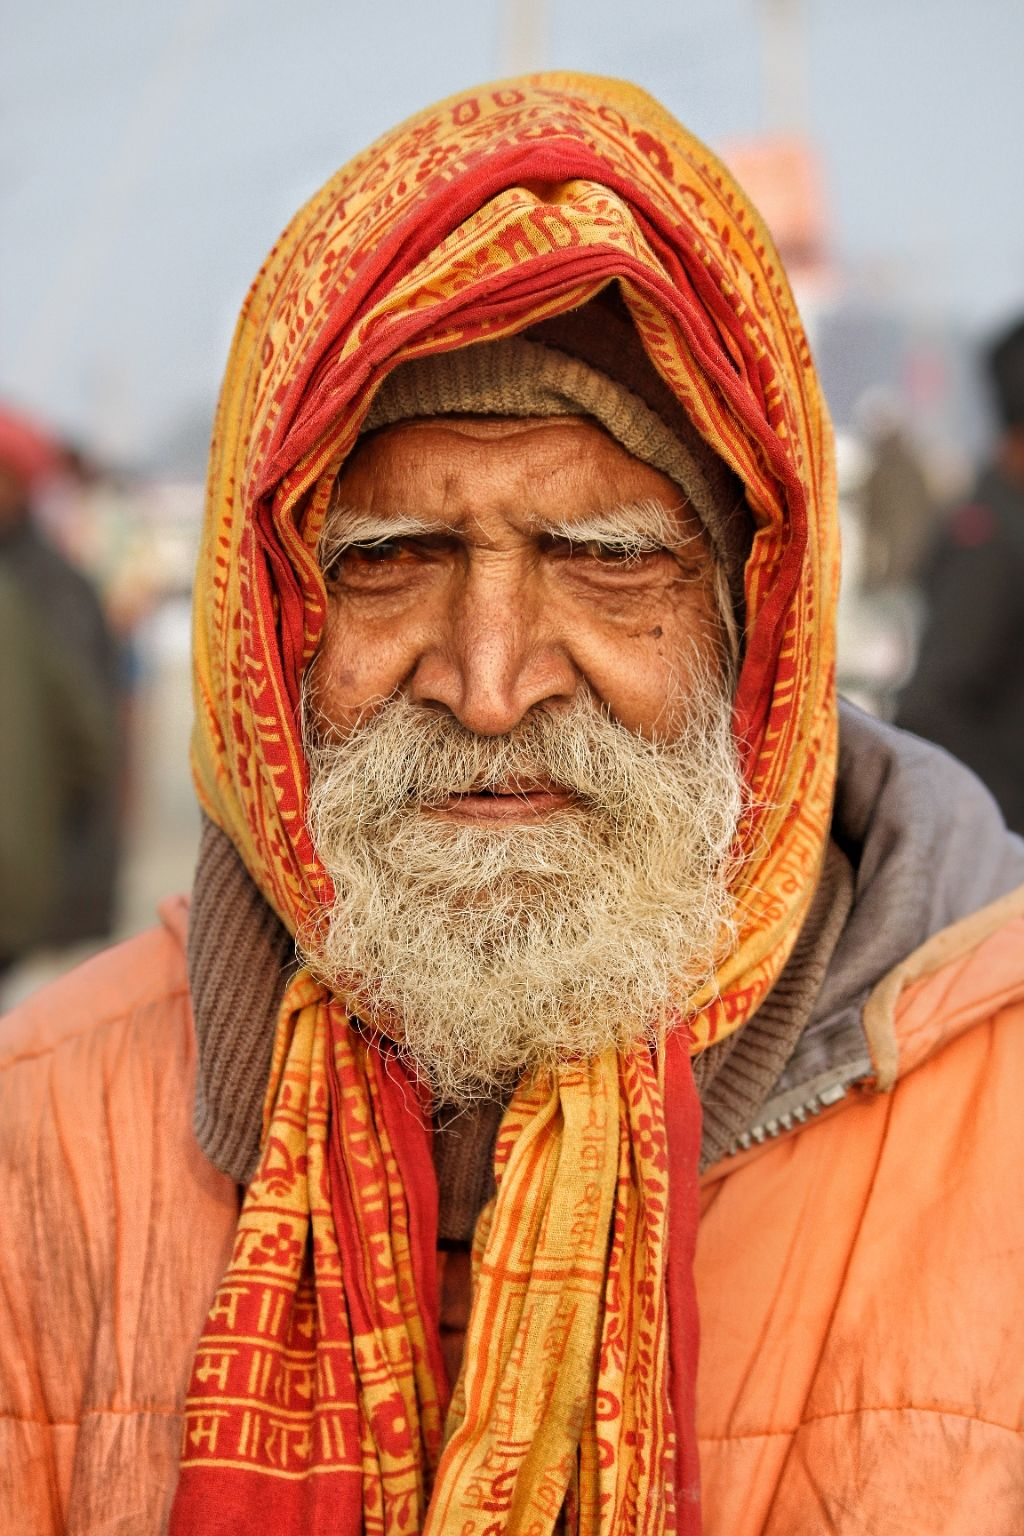 Photo of Prayagraj By Anant Singh Rajput